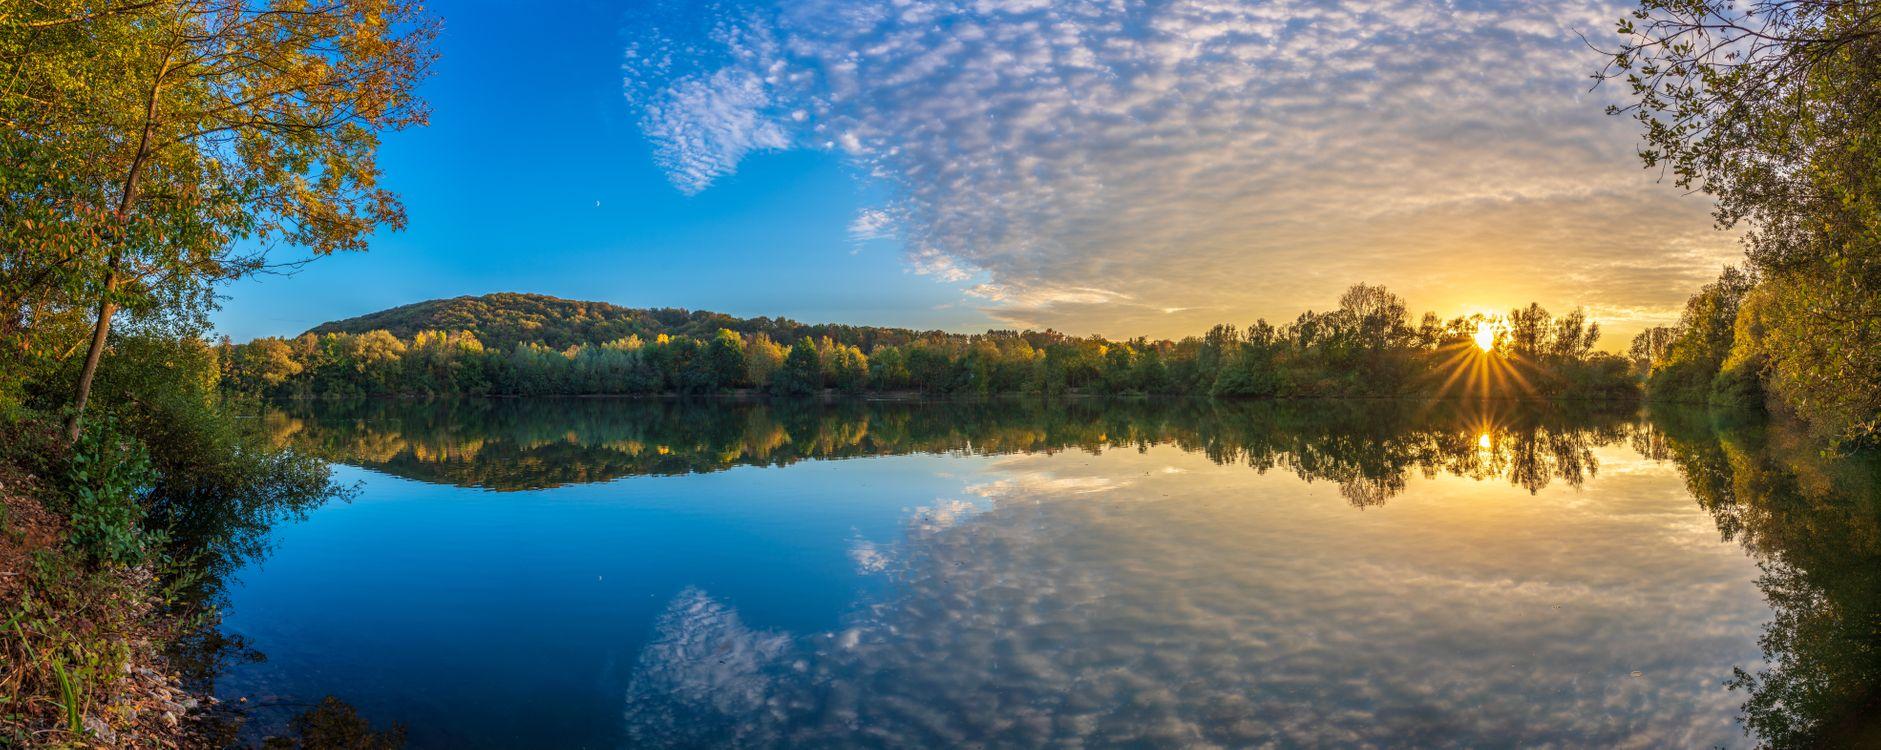 Фото бесплатно Озеро Дондорф, Рейн-Зиг, Северный Рейн-Вестфалия - на рабочий стол